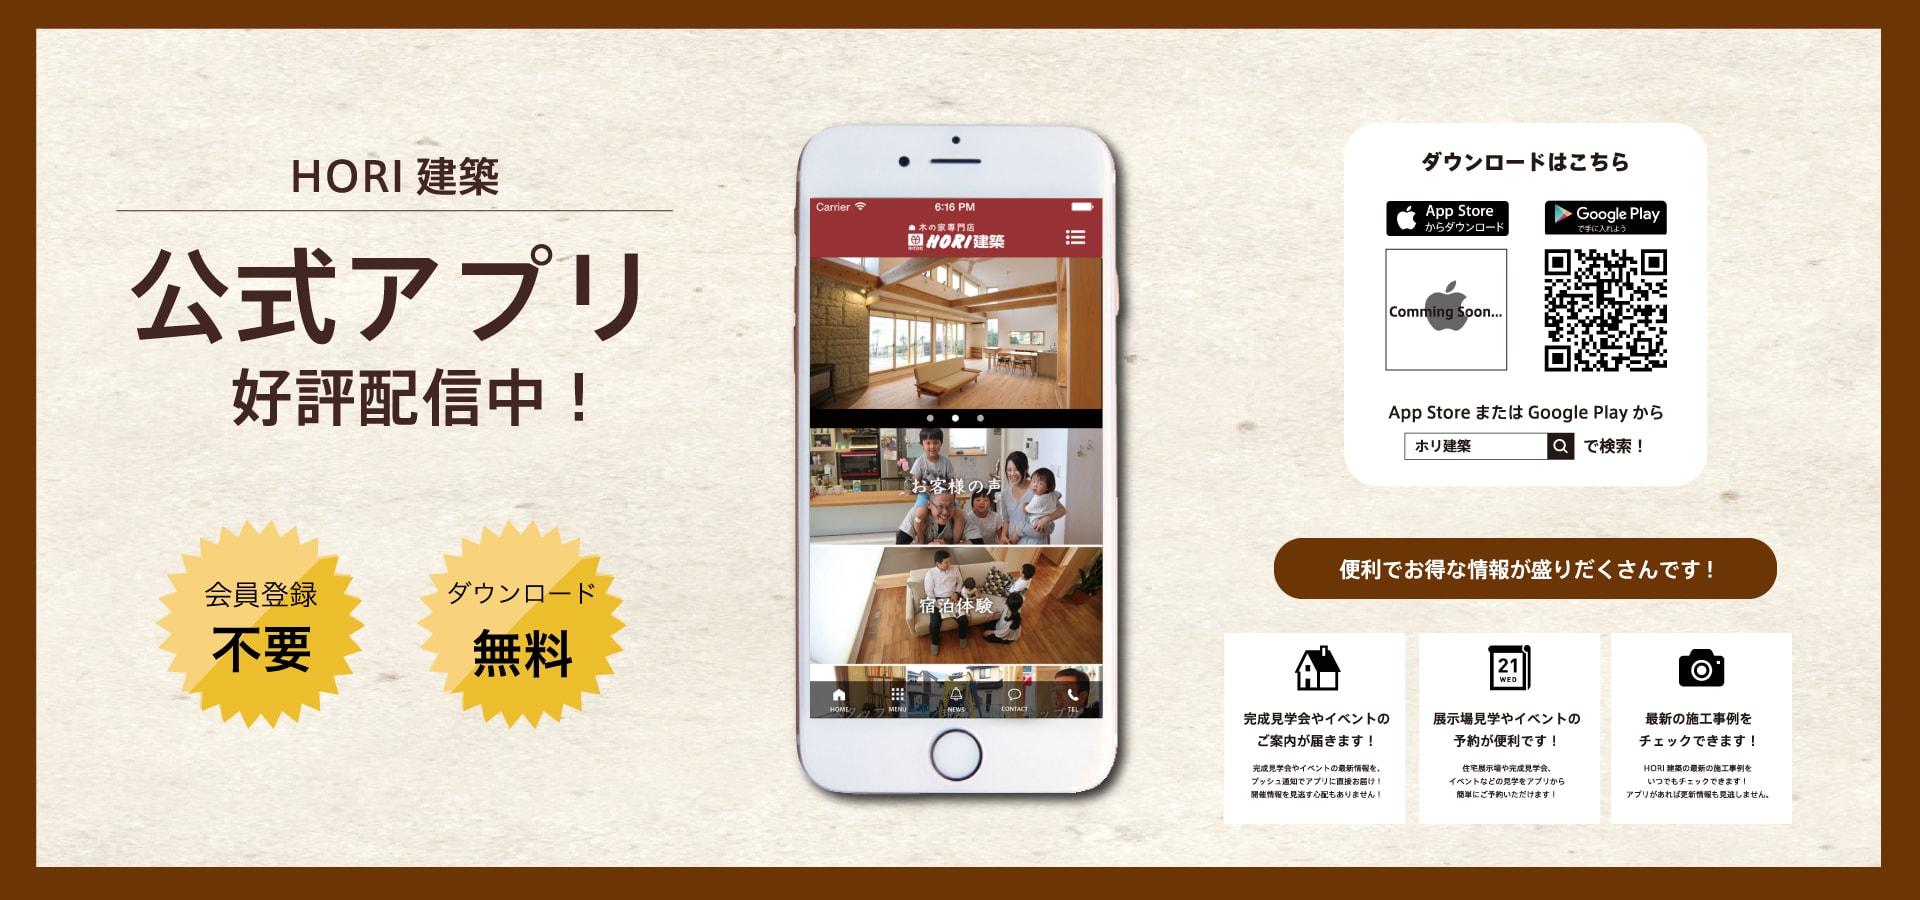 HORI-アプリできました-min